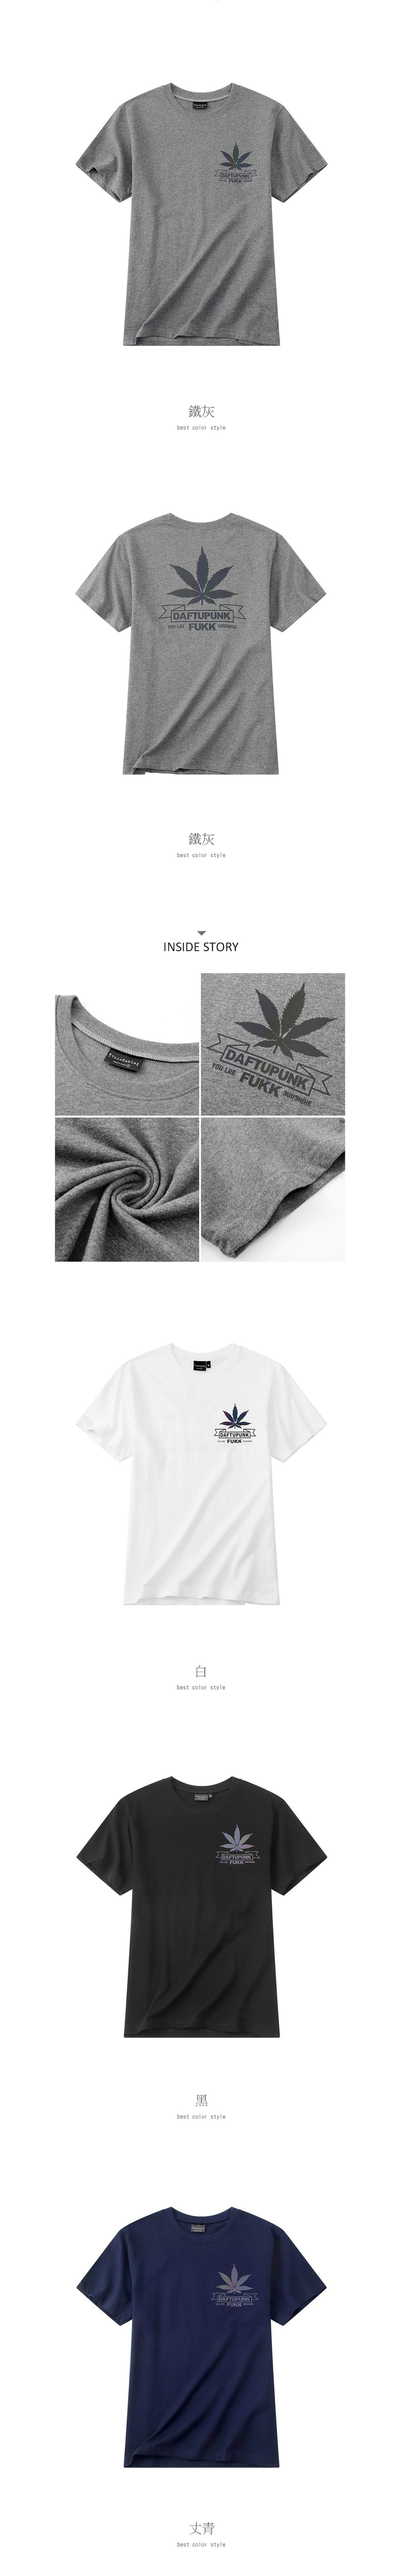 炫彩系列 麻葉印花短袖T恤